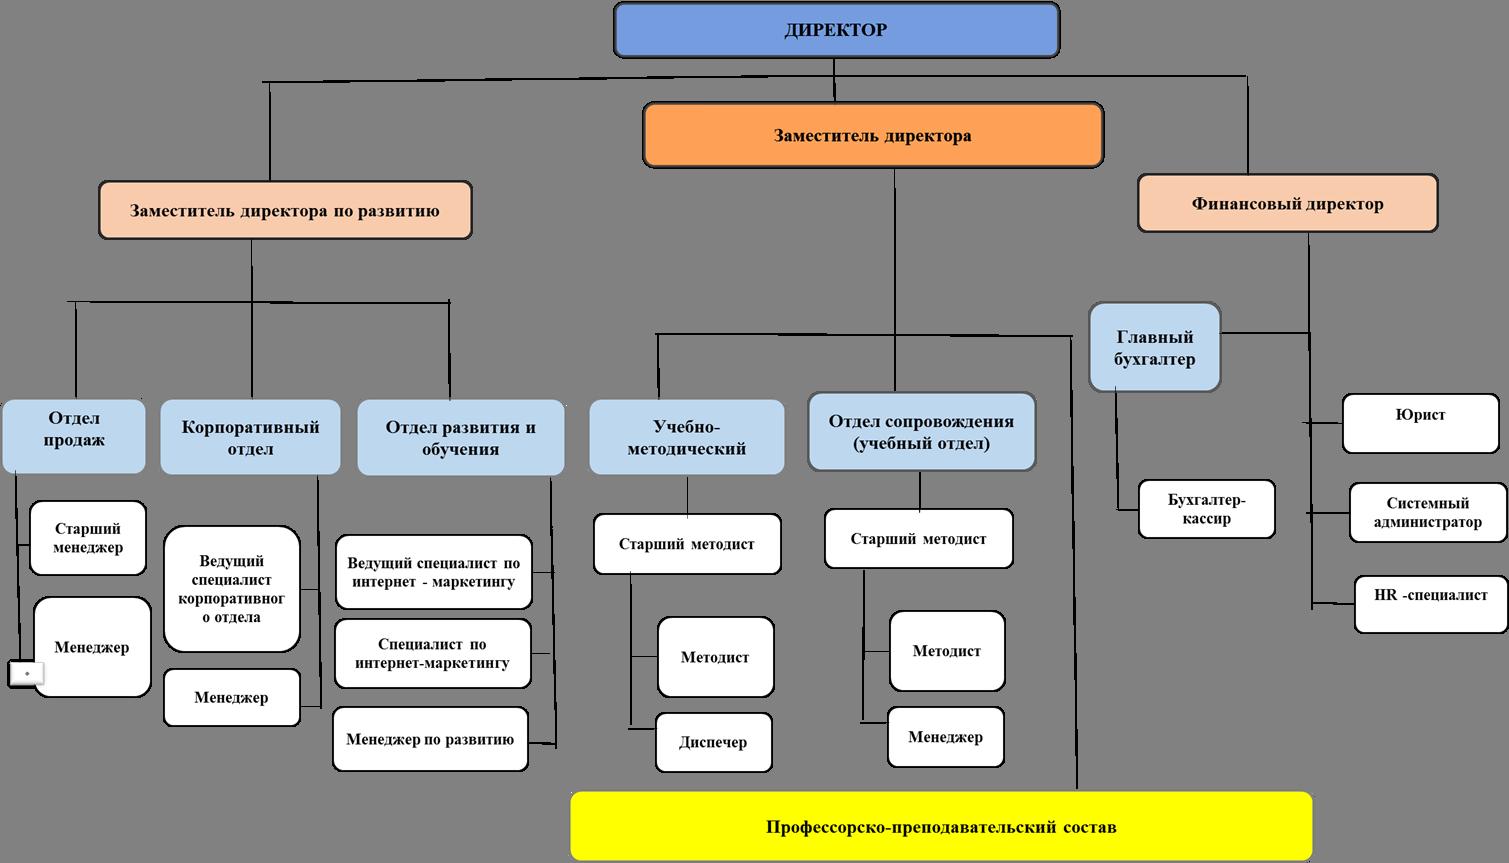 Организационная структура управления образовательной организации